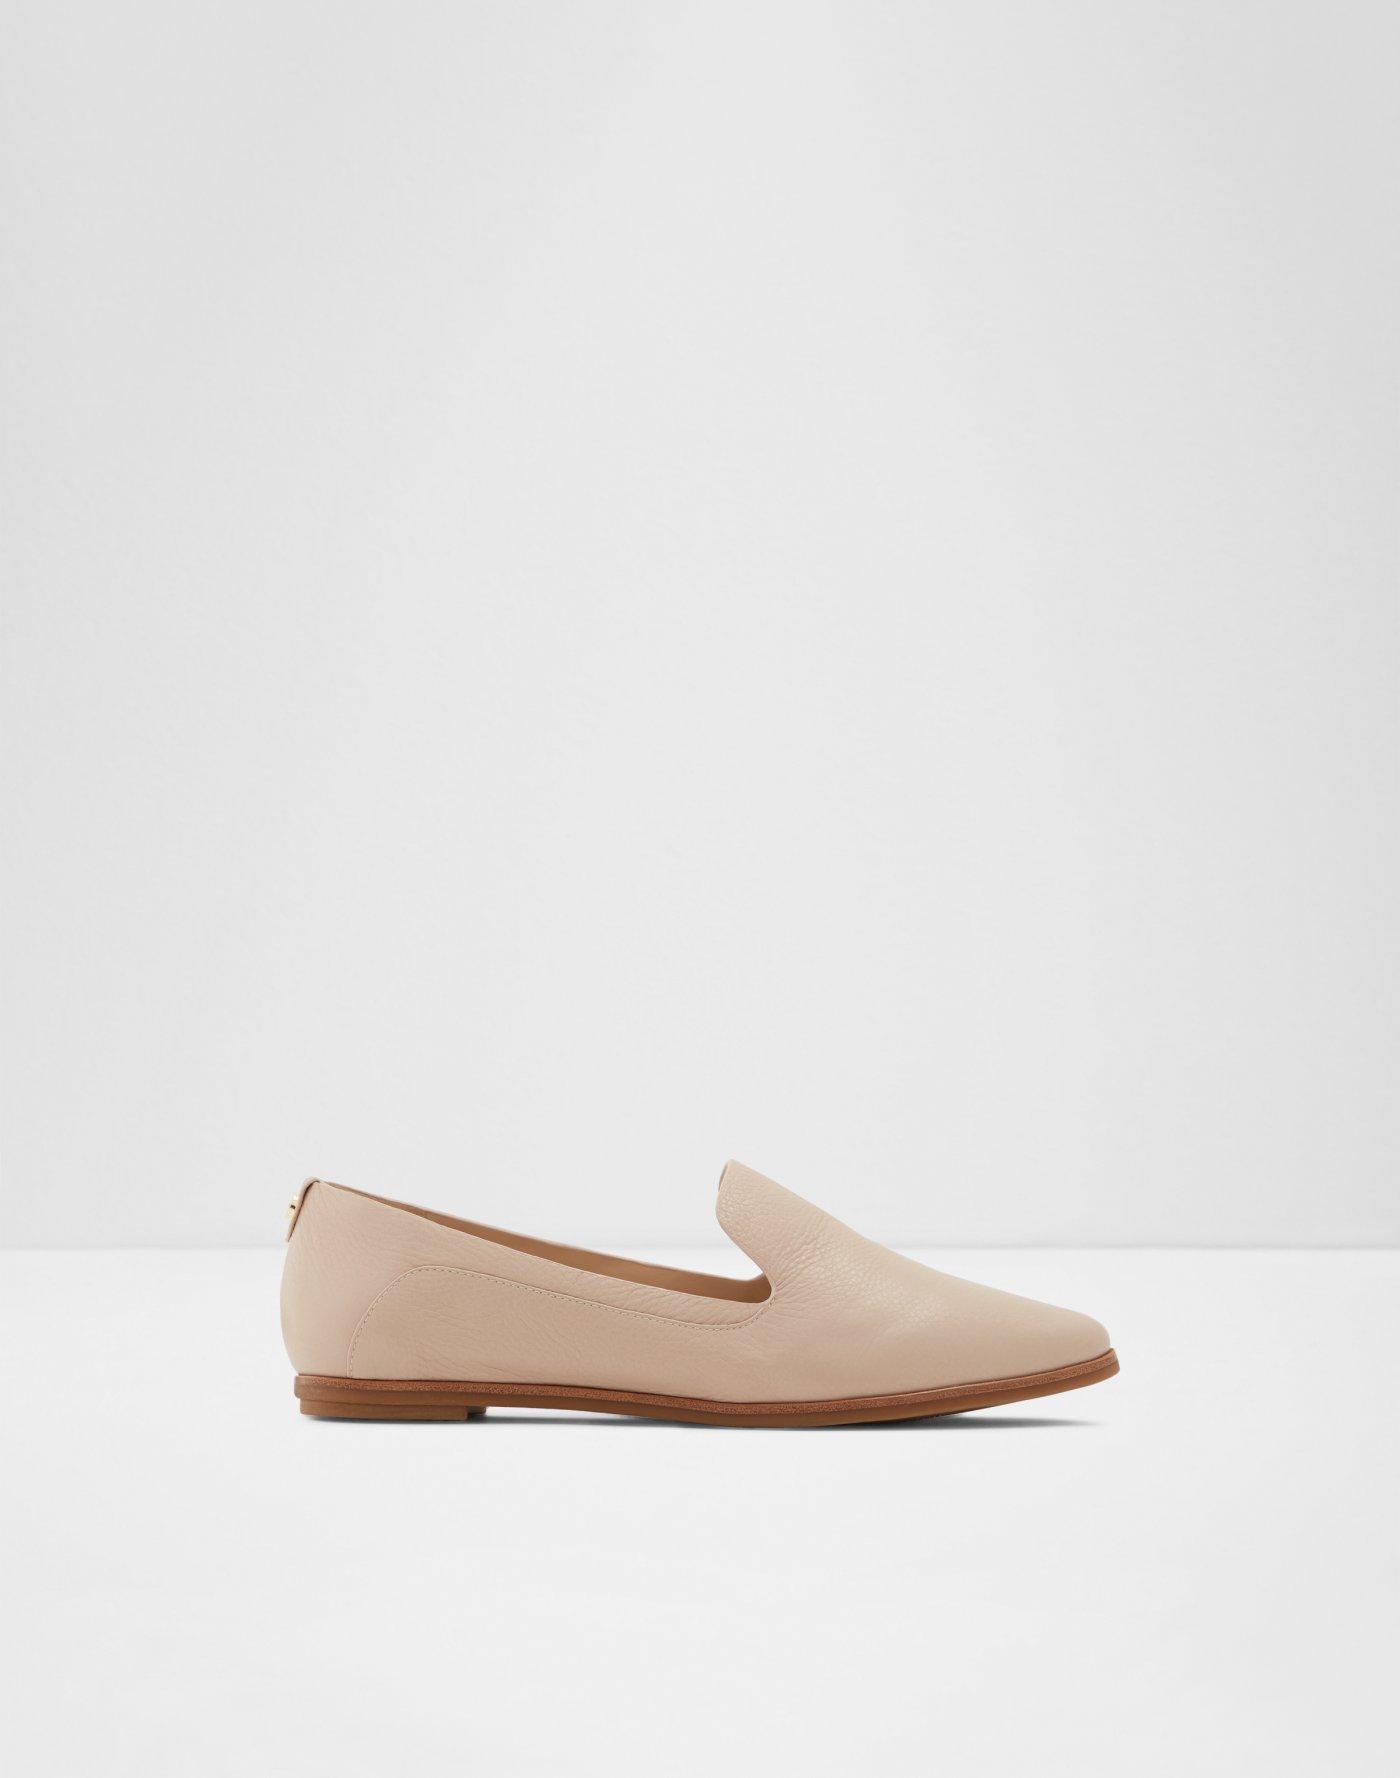 Clearance | Women's Footwear on